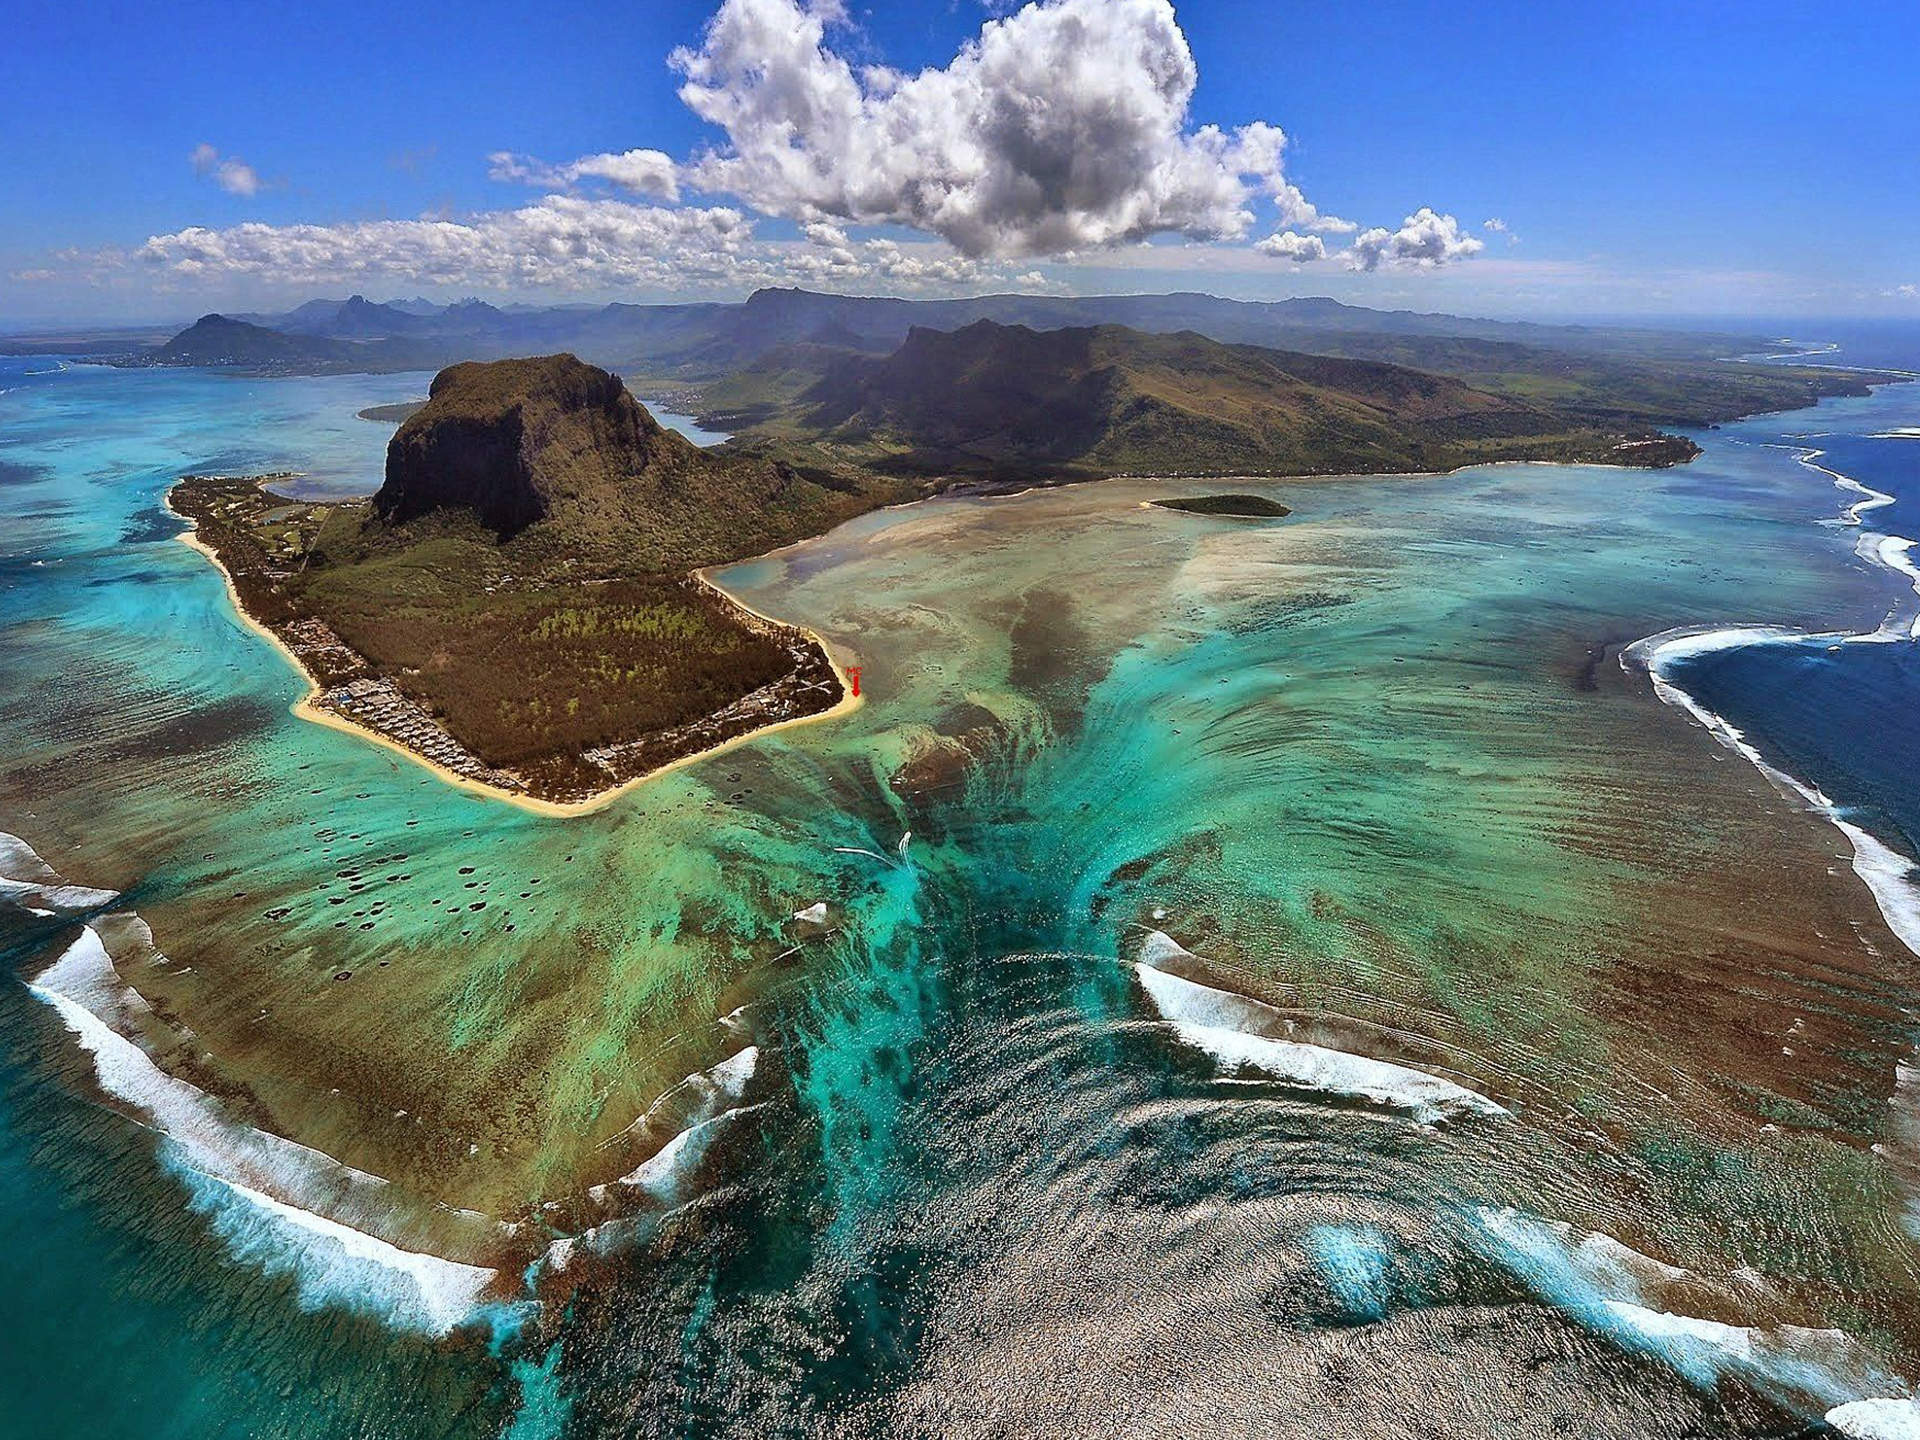 Достопримечательности острова Маврикий